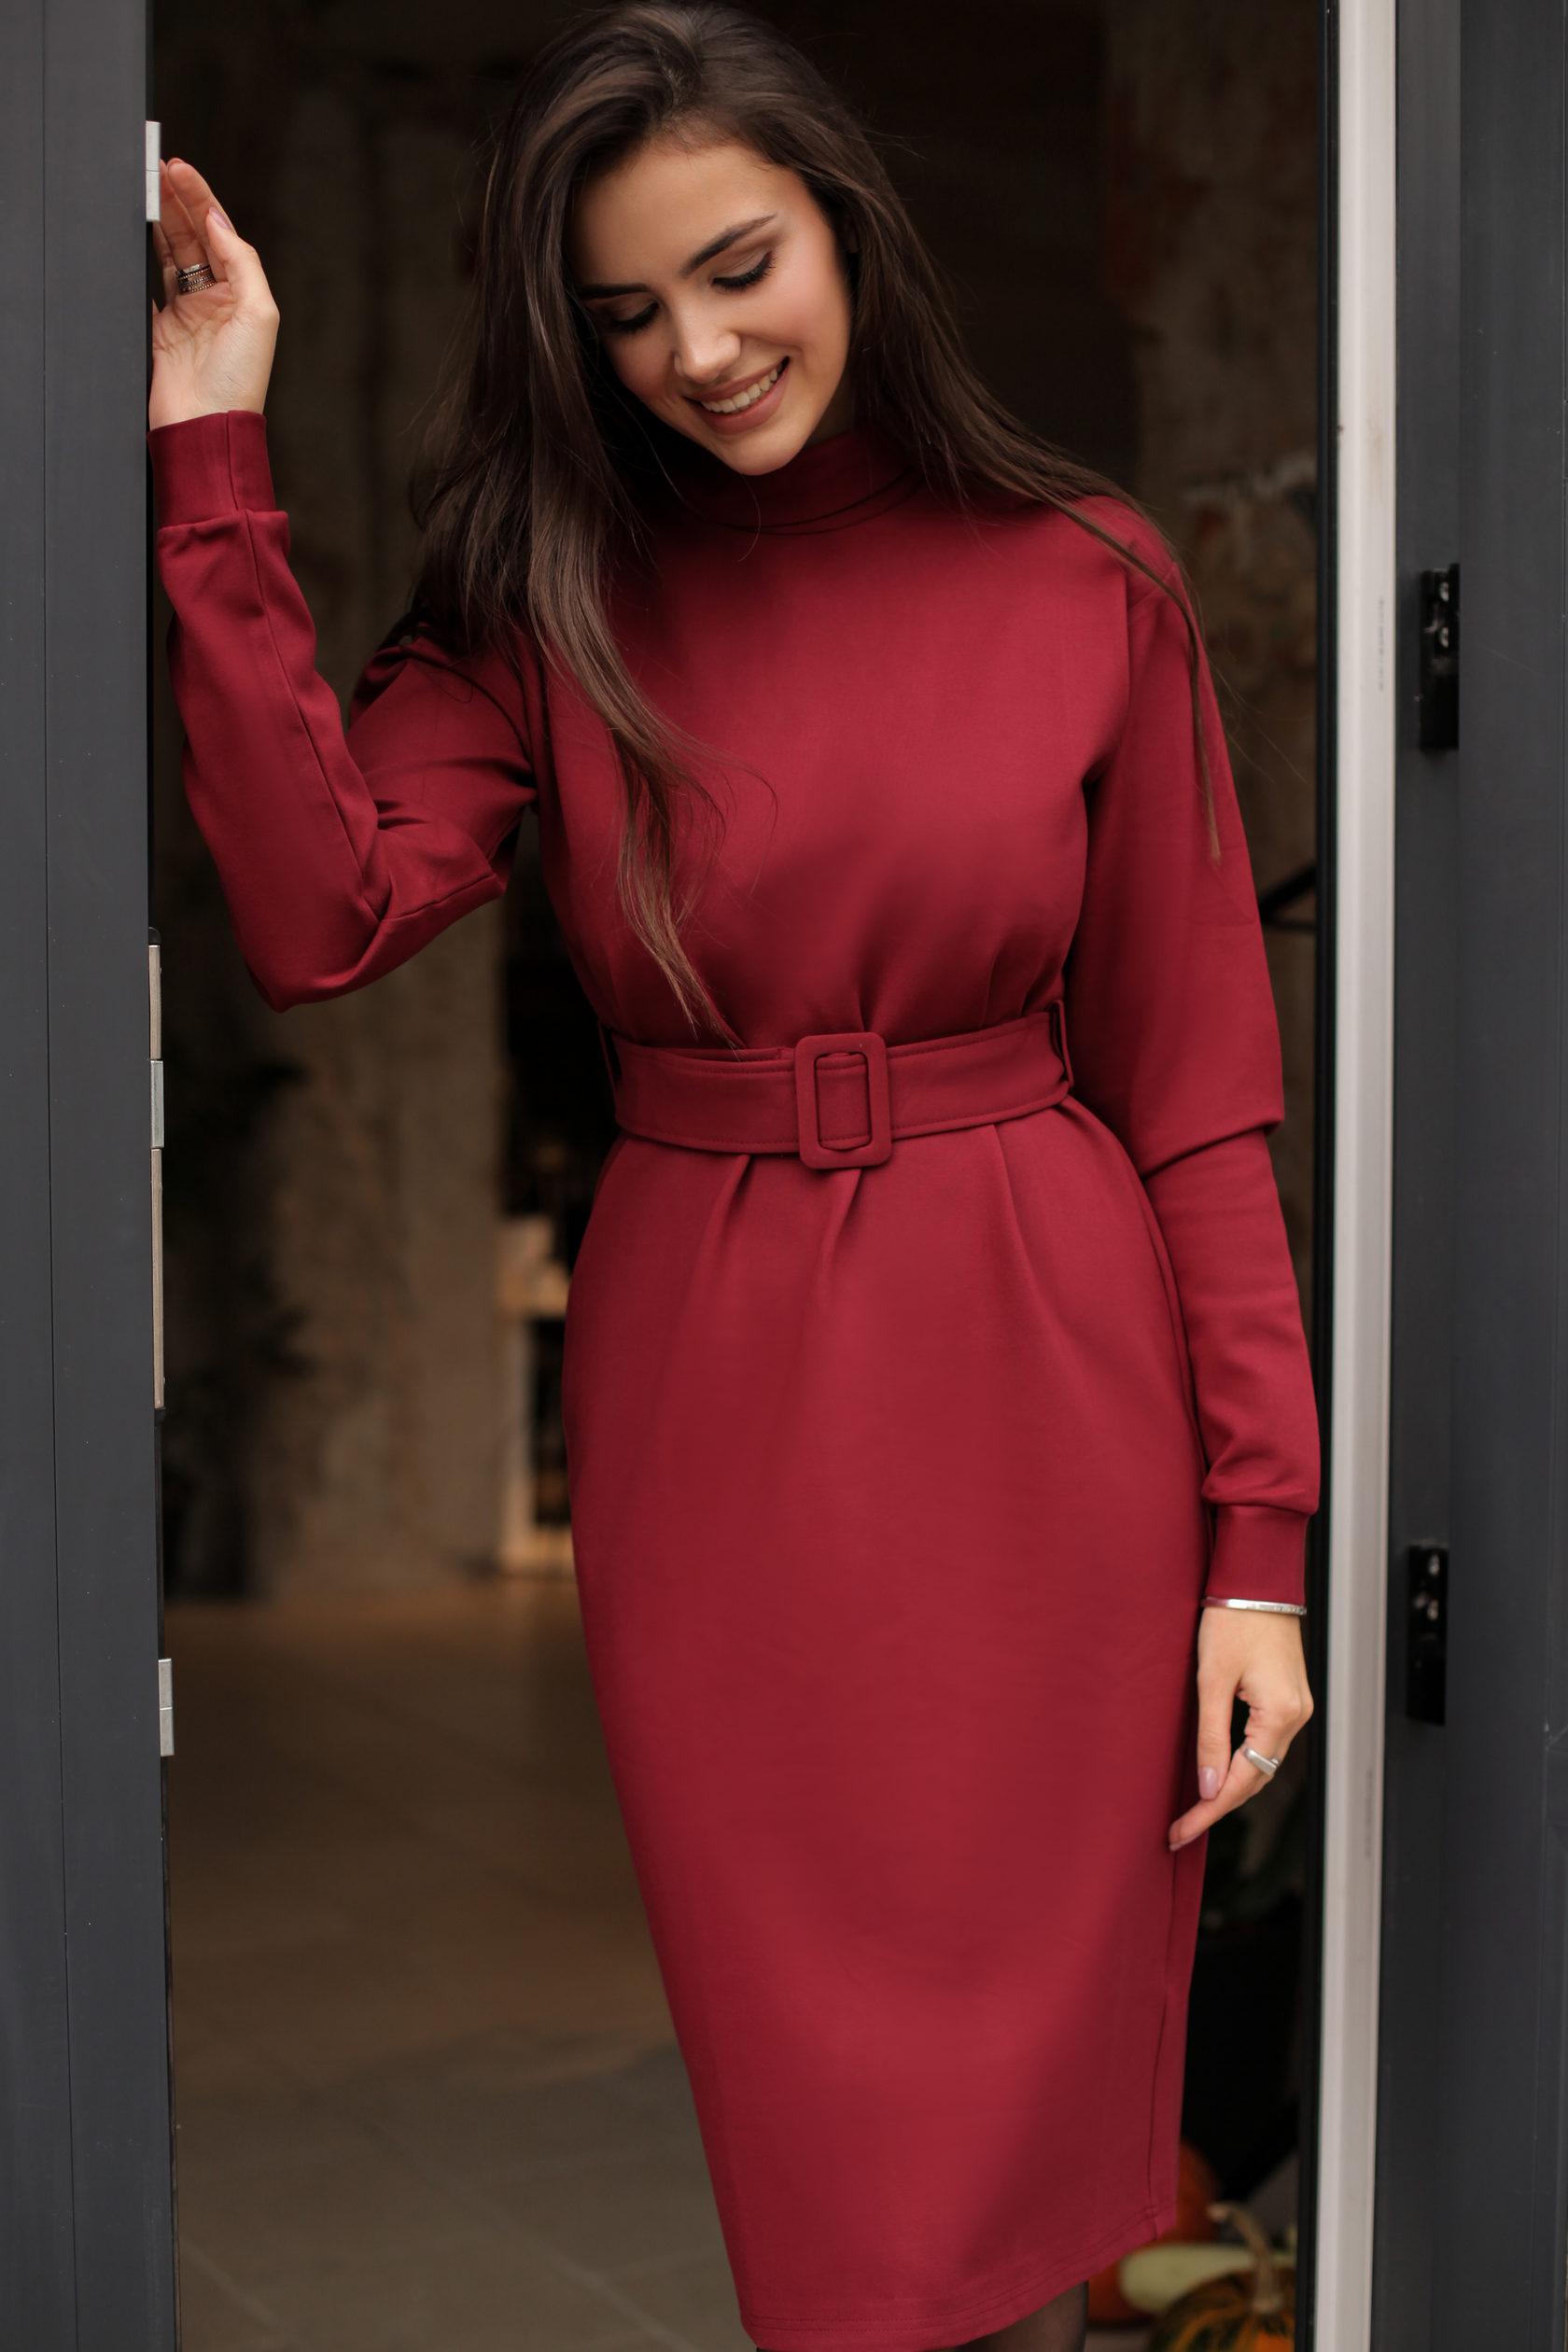 d942636cc56 Универсальное платье из вискозного трикотажа с ремнем